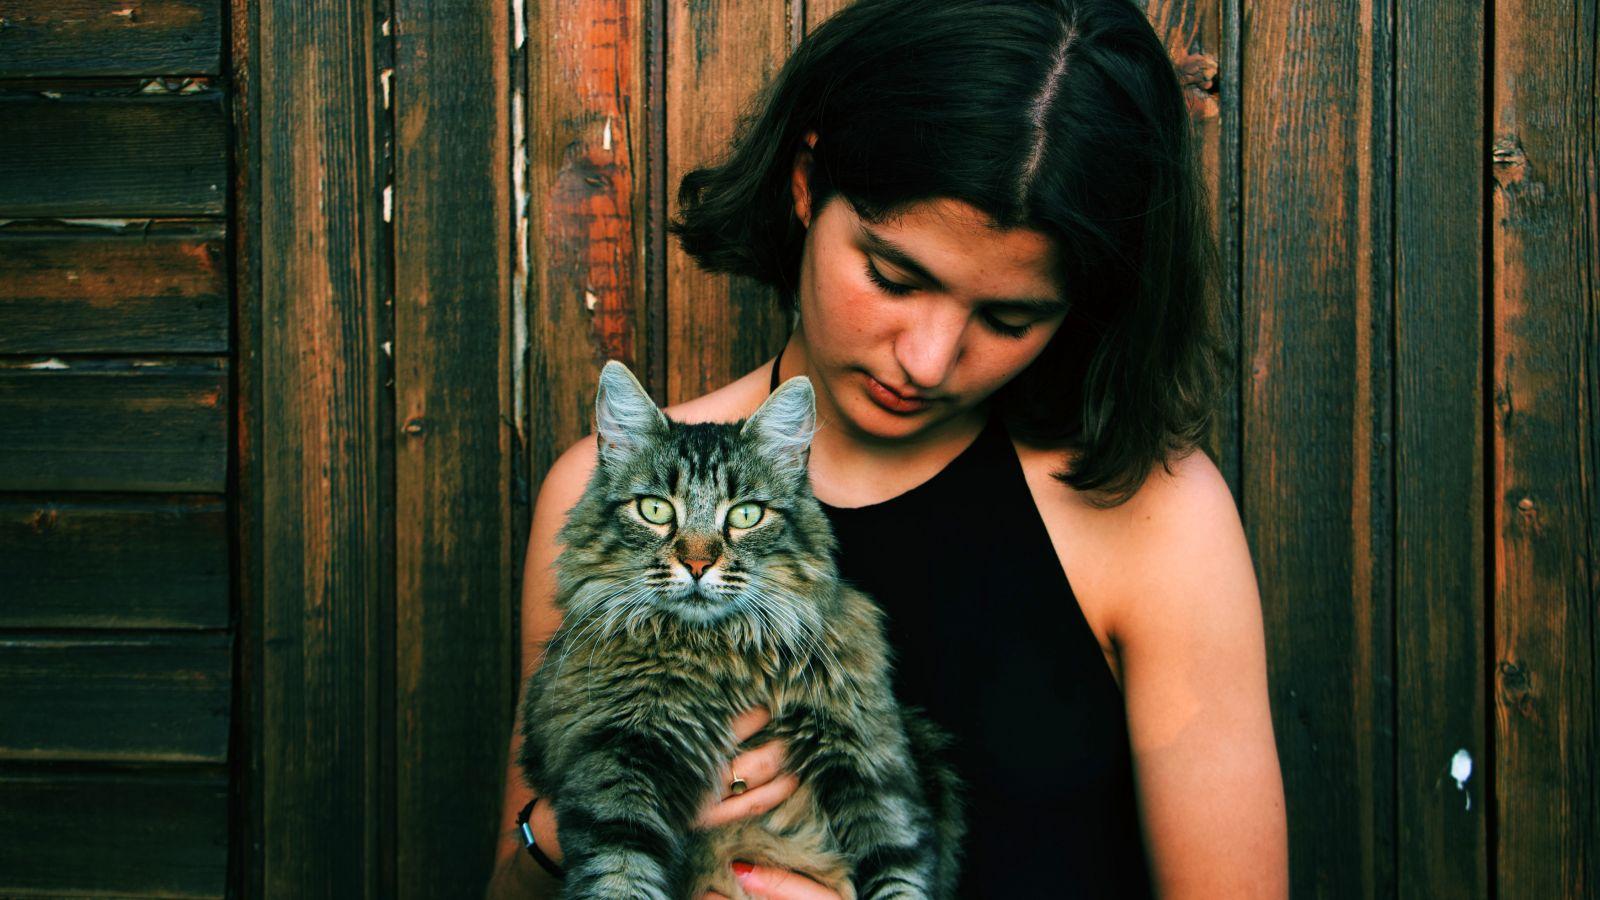 Κορονοϊός γάτες: Οι γάτες τελικά μπορούν να κολλήσουν κορονοϊό από τους ανθρώπους